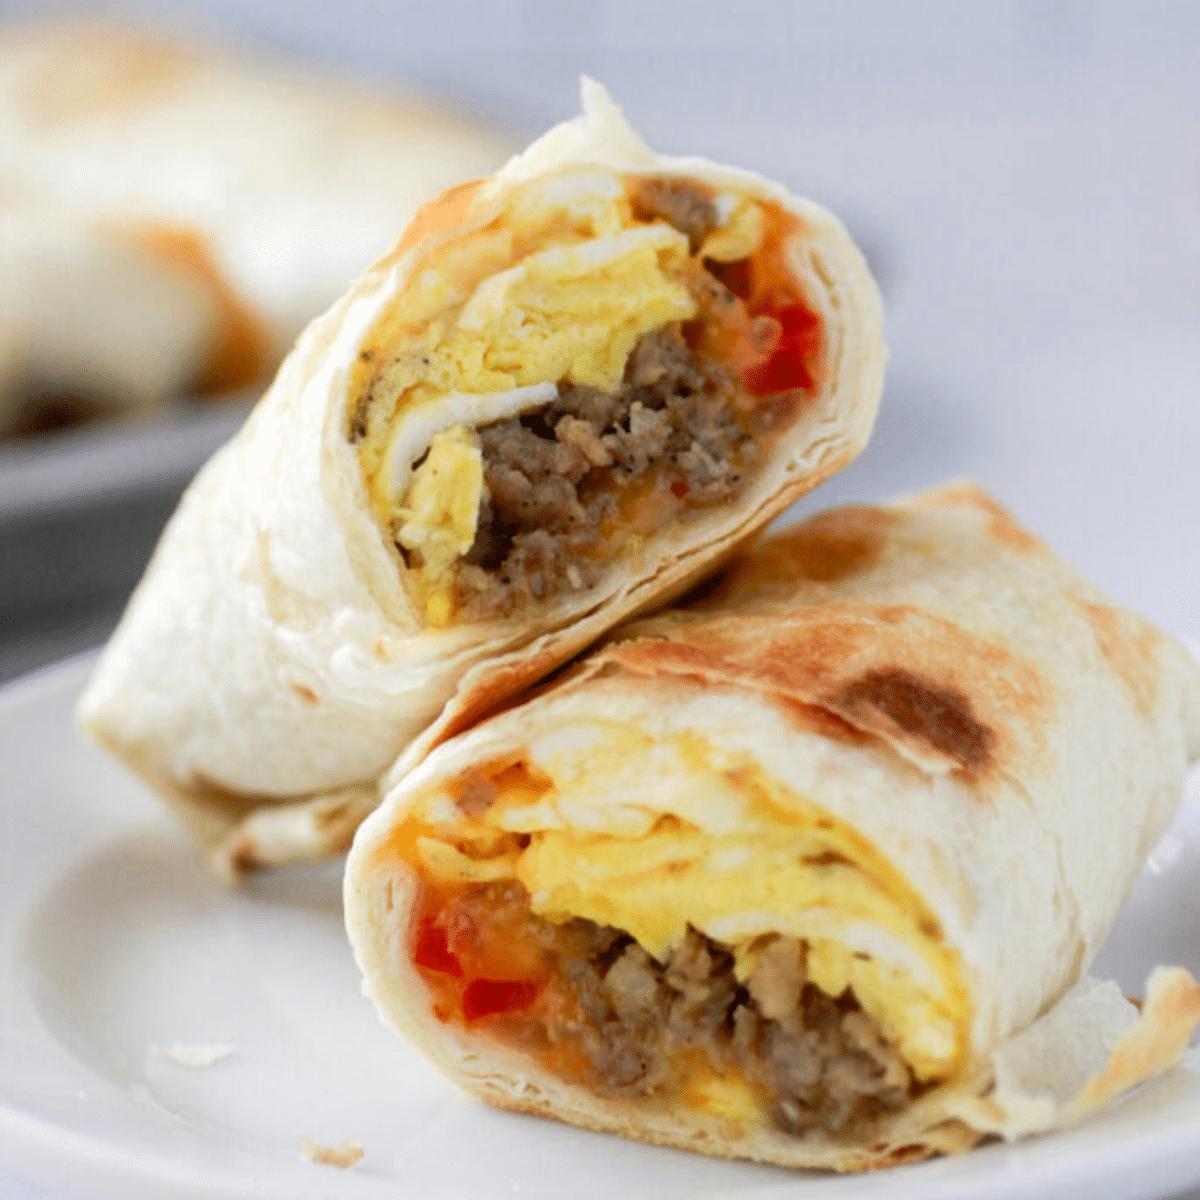 A sausage breakfast burrito cut in half.